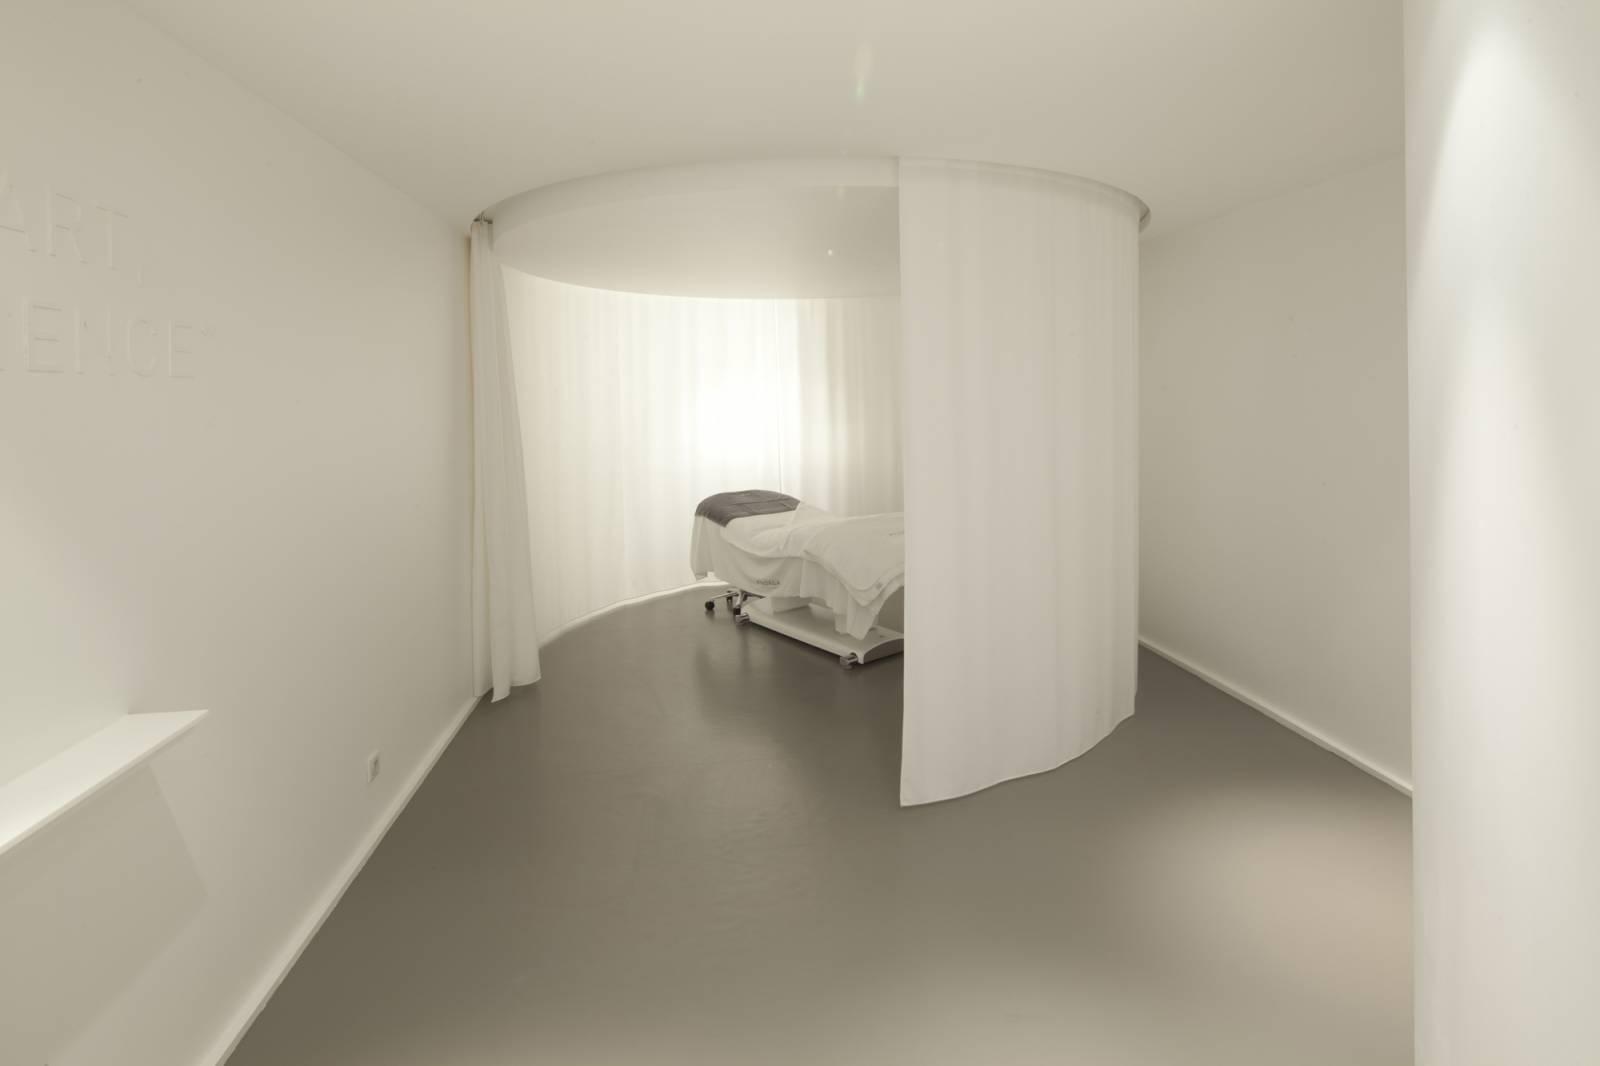 cabine souple pour salle de soins-1